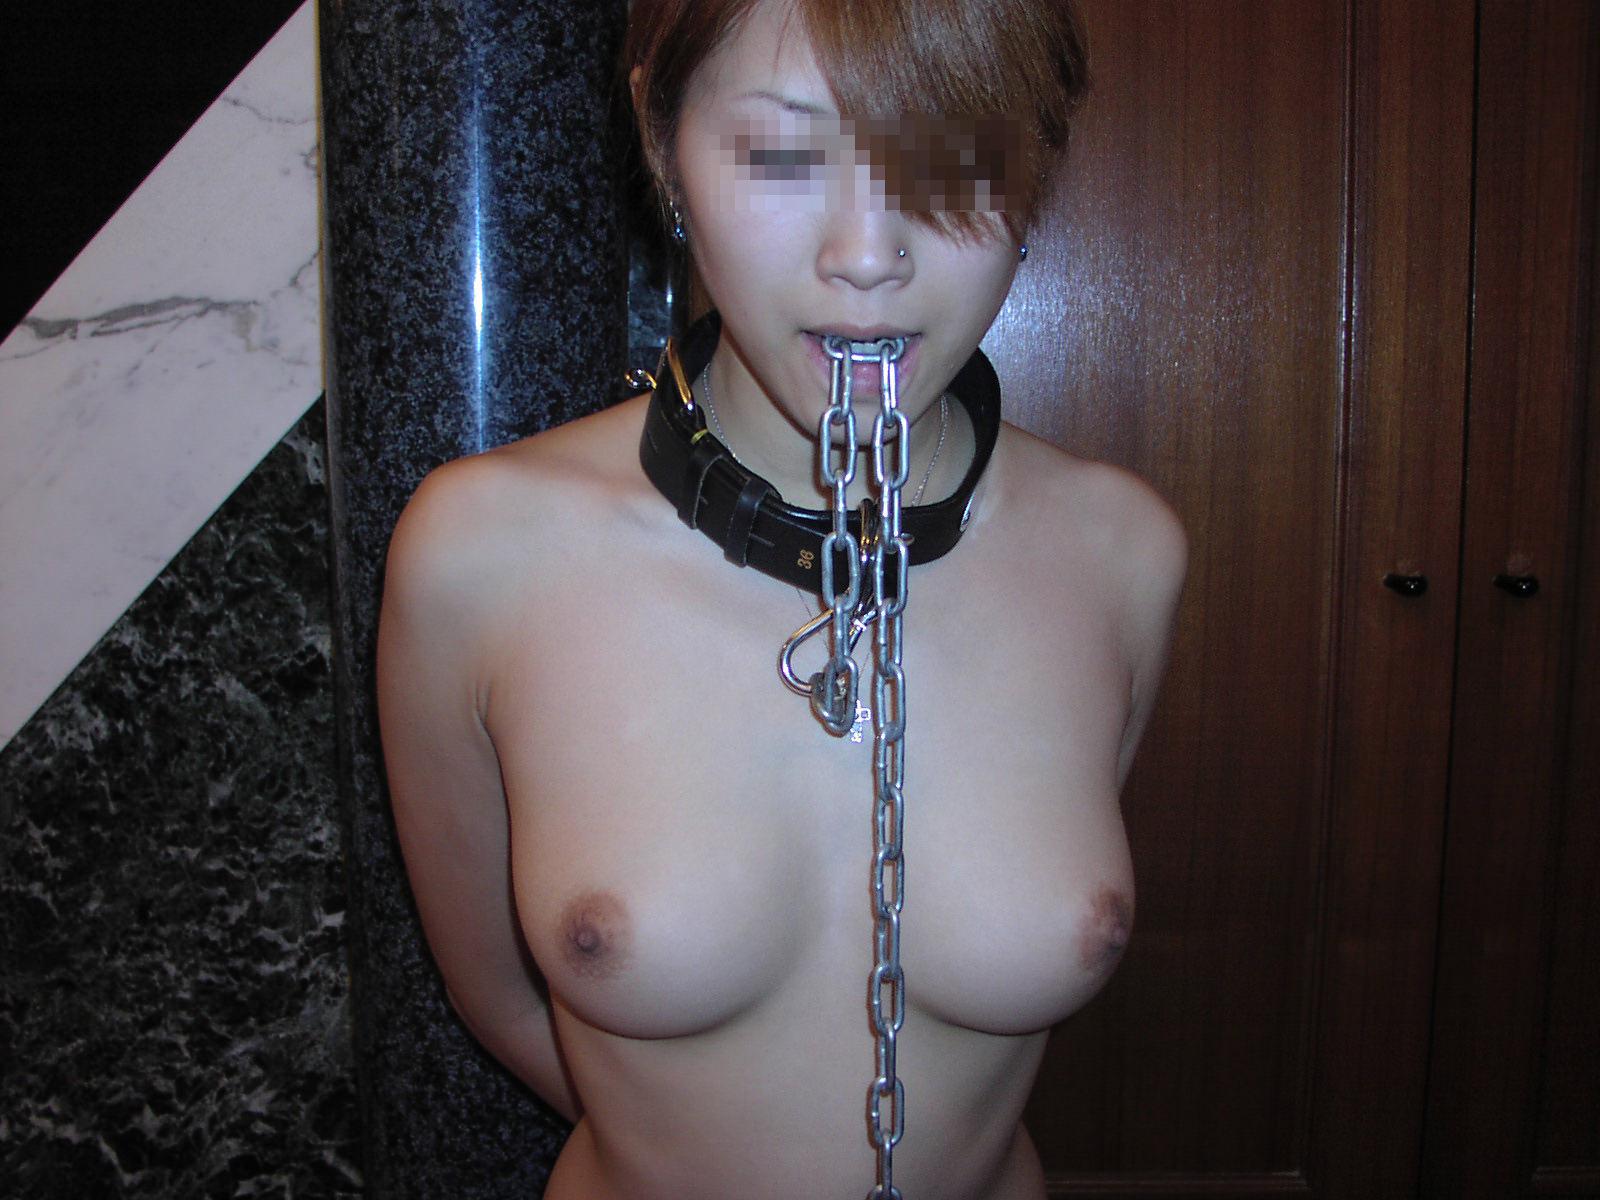 実の妻をに首輪をつけて飼いならし変態プレイ調教するSM素人エロ画像 715